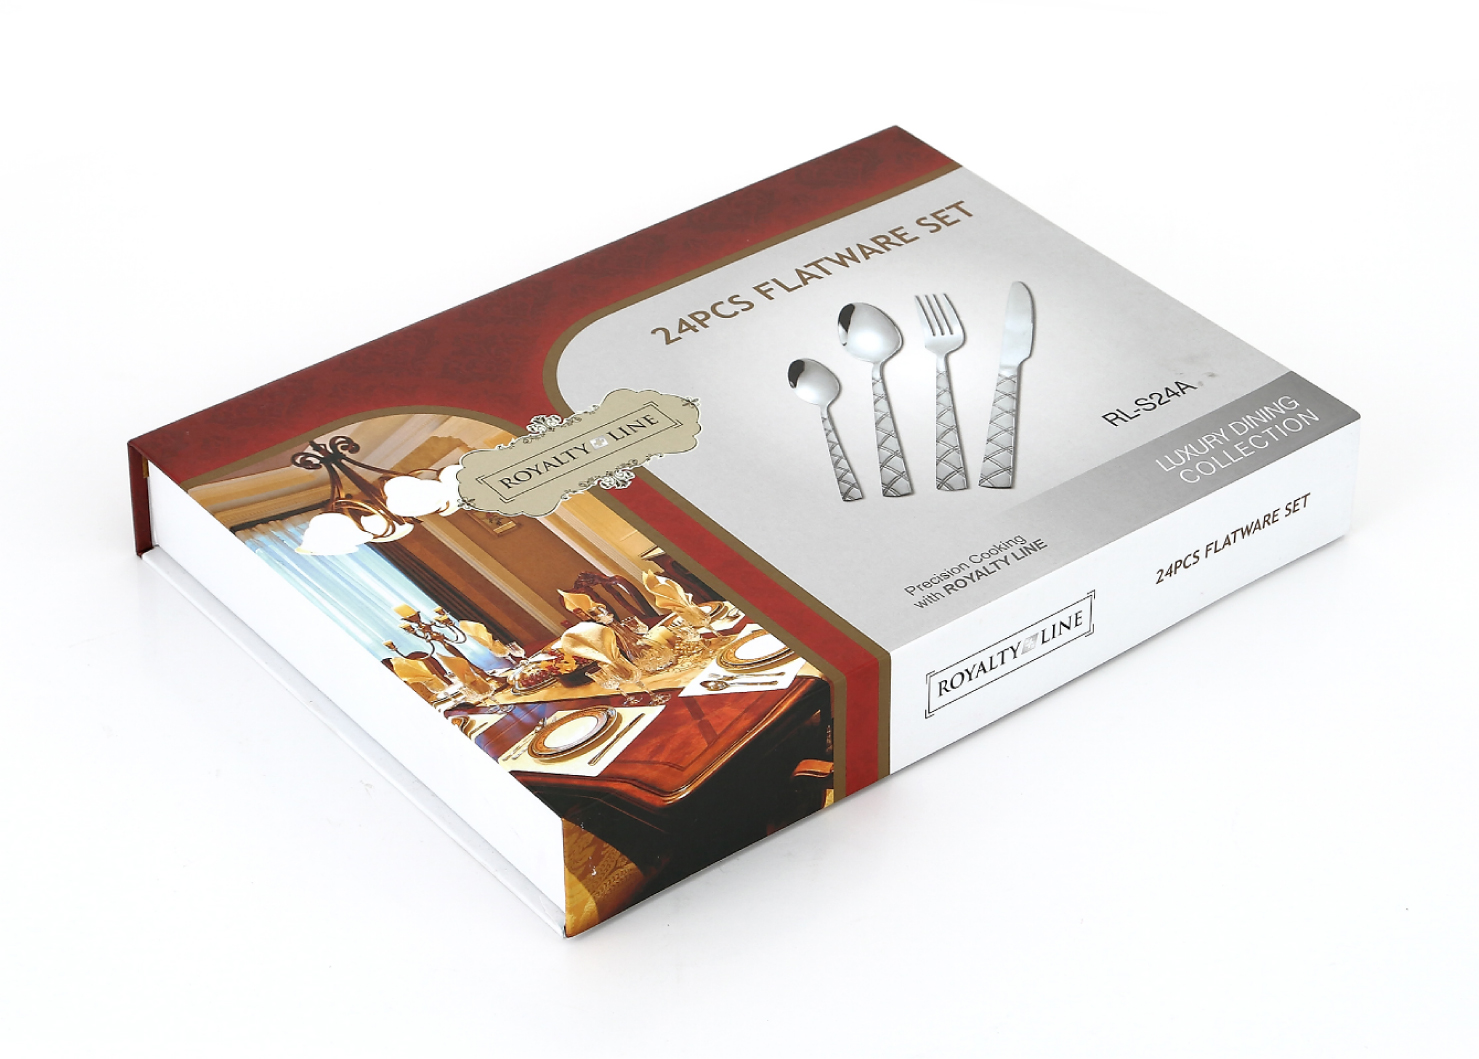 set posate coltelli e utensili da cucina barbecue royalty line 42 pz